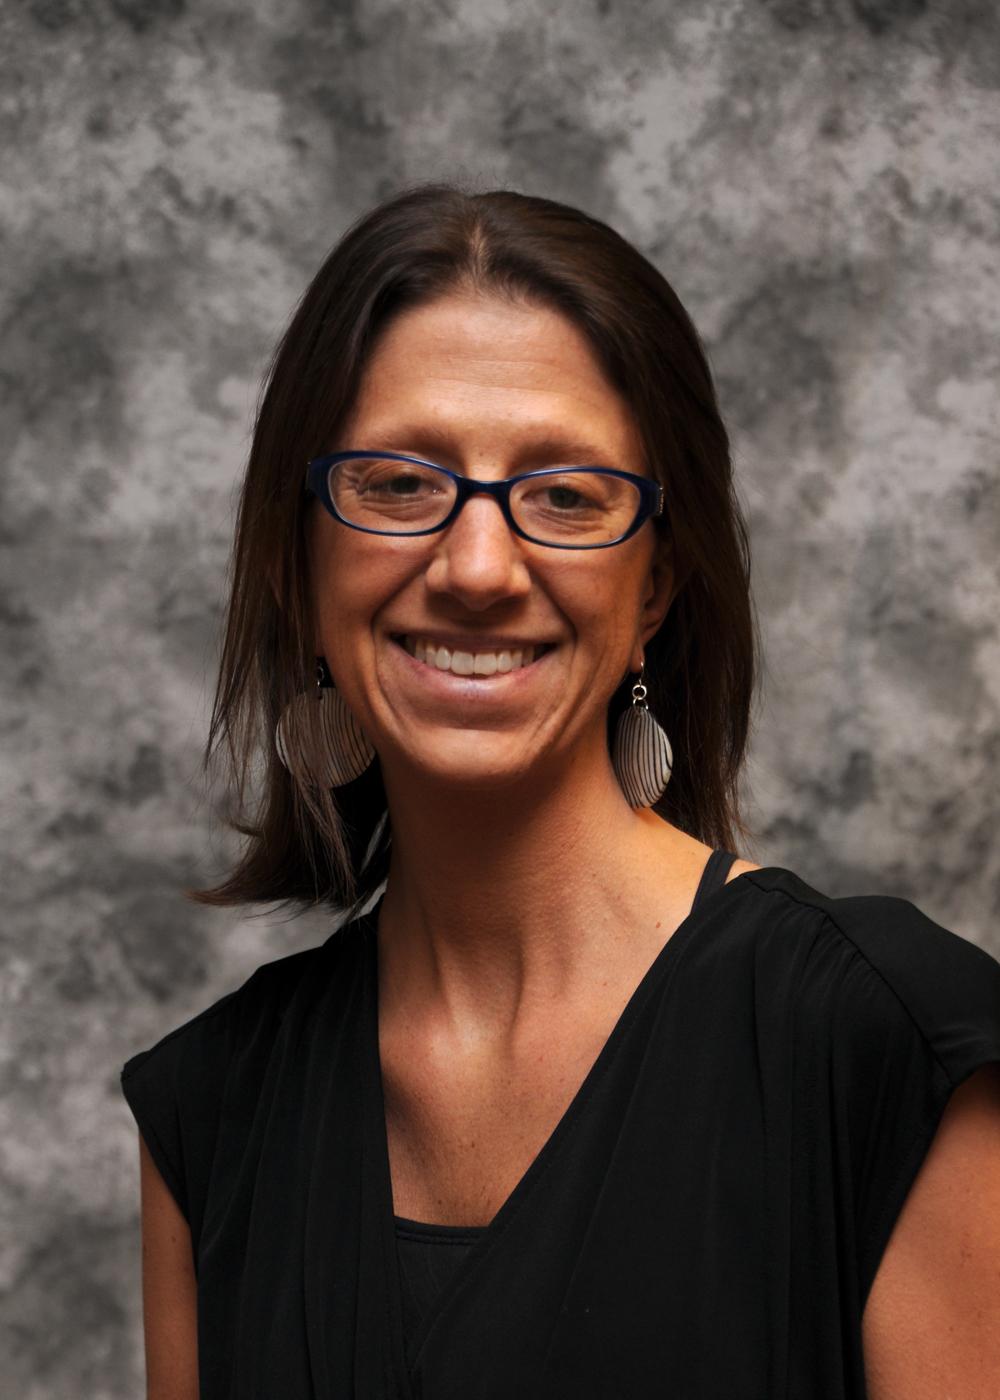 Alison Winzeler